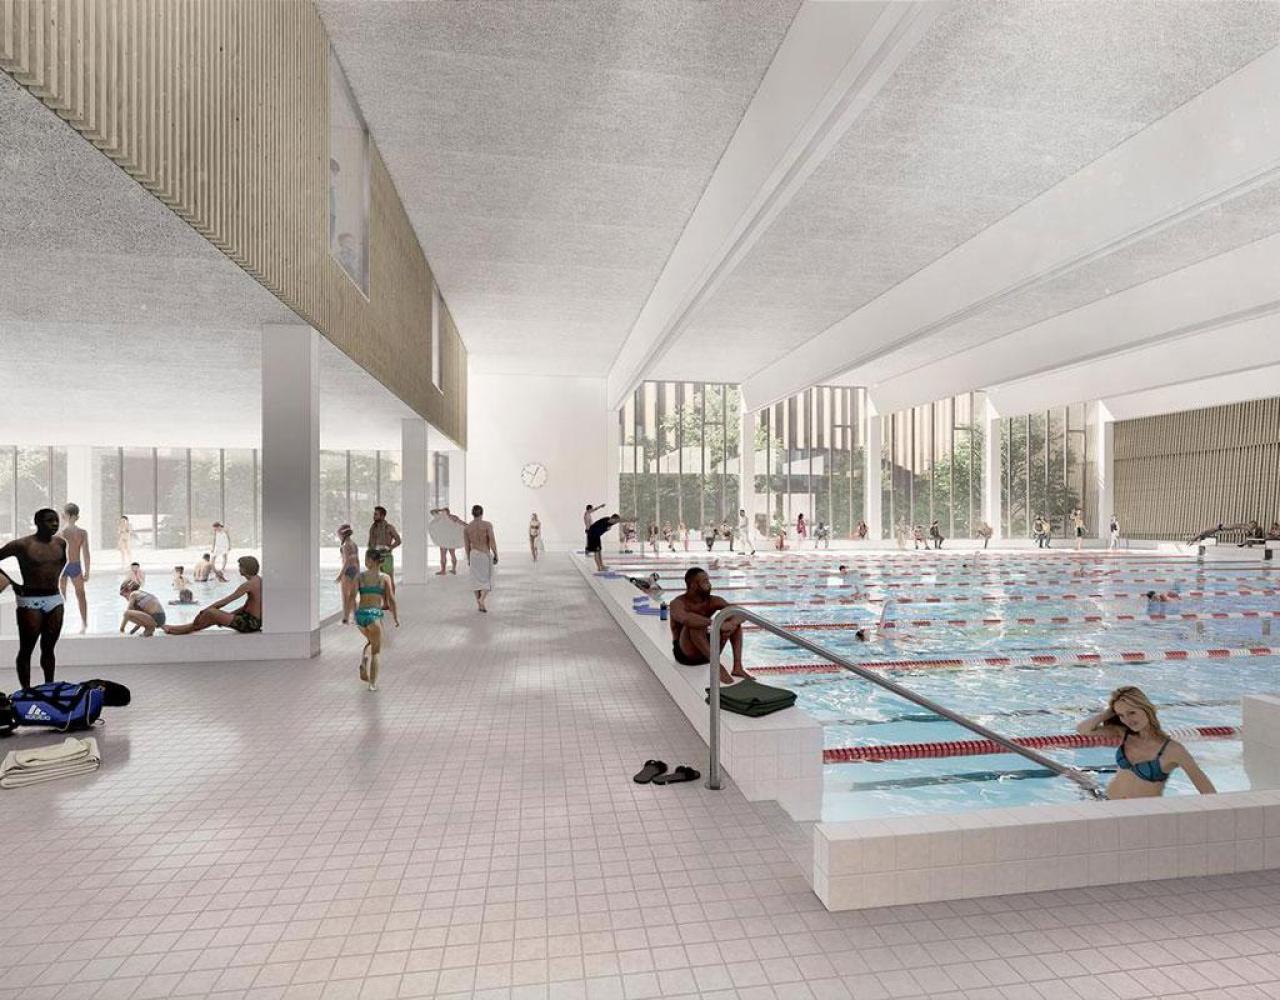 Arenakvarterets Skole svømmehal